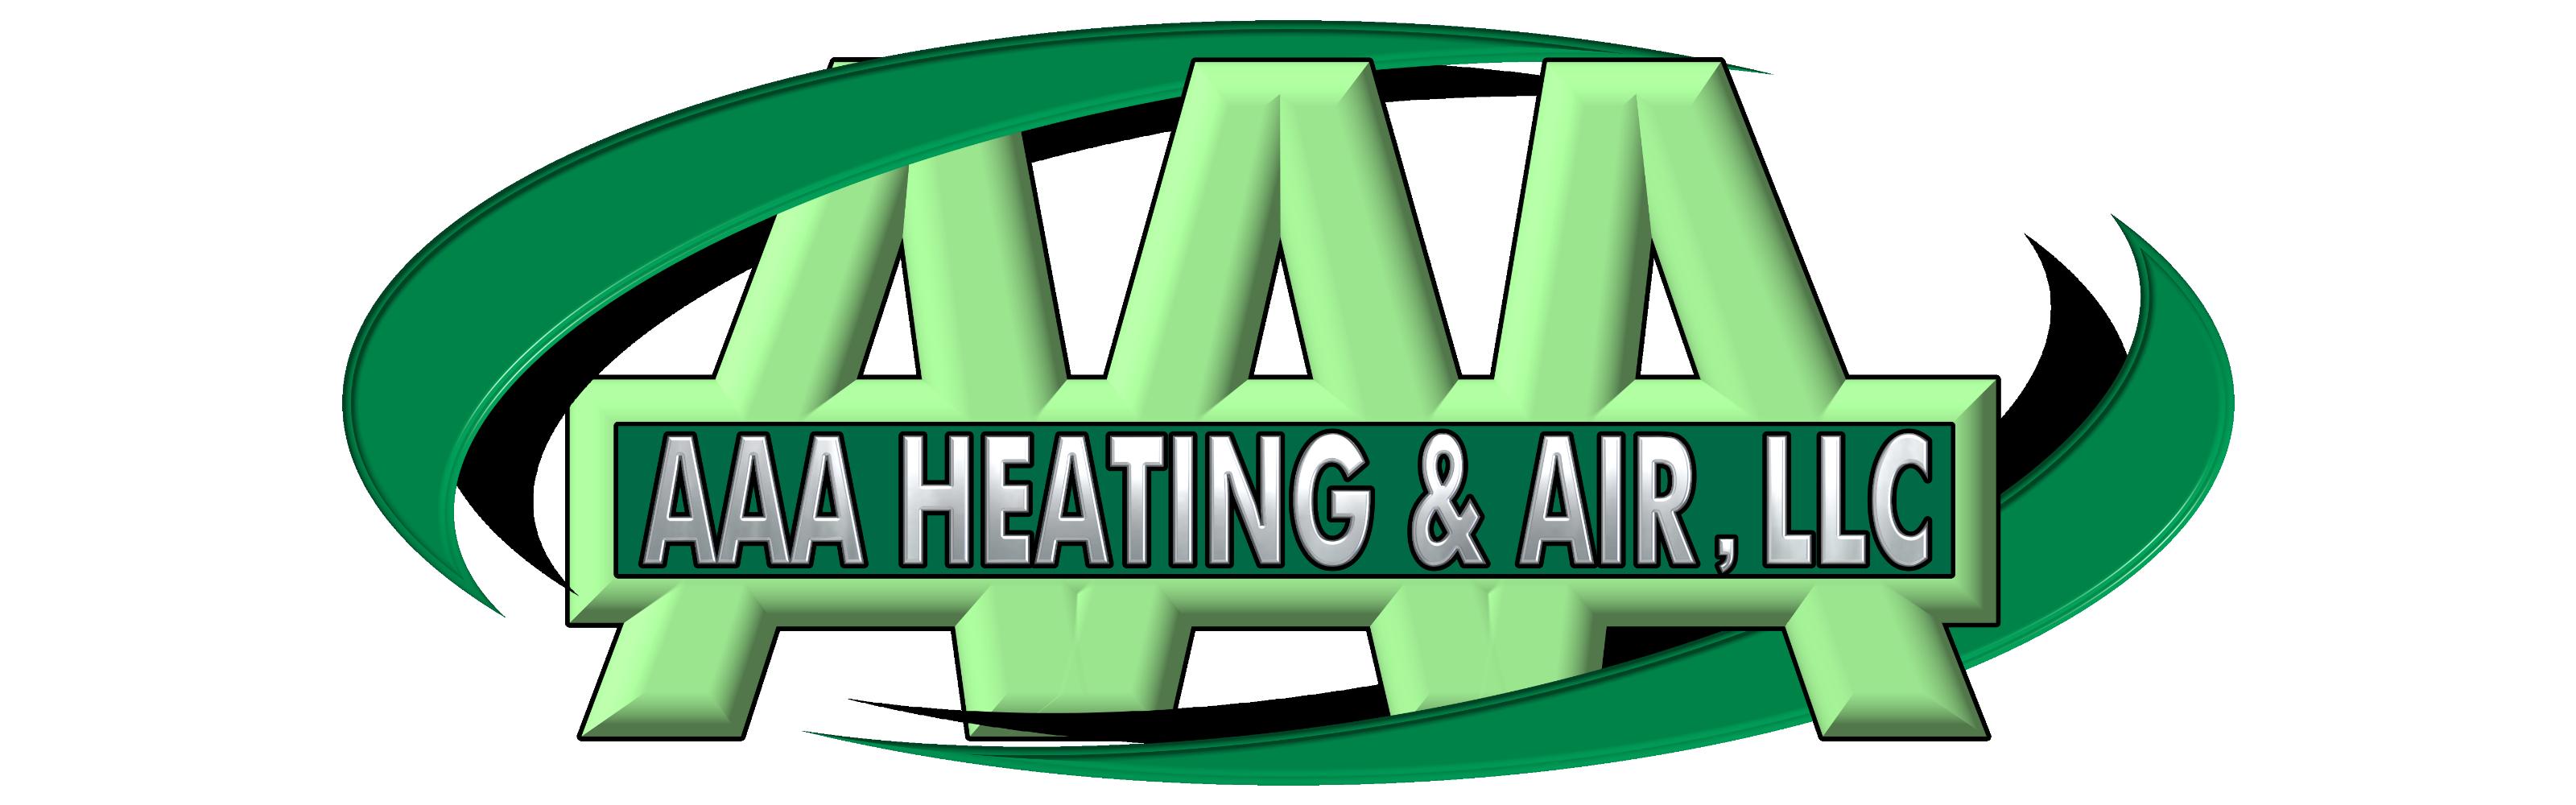 AAA Heating & Air, LLC